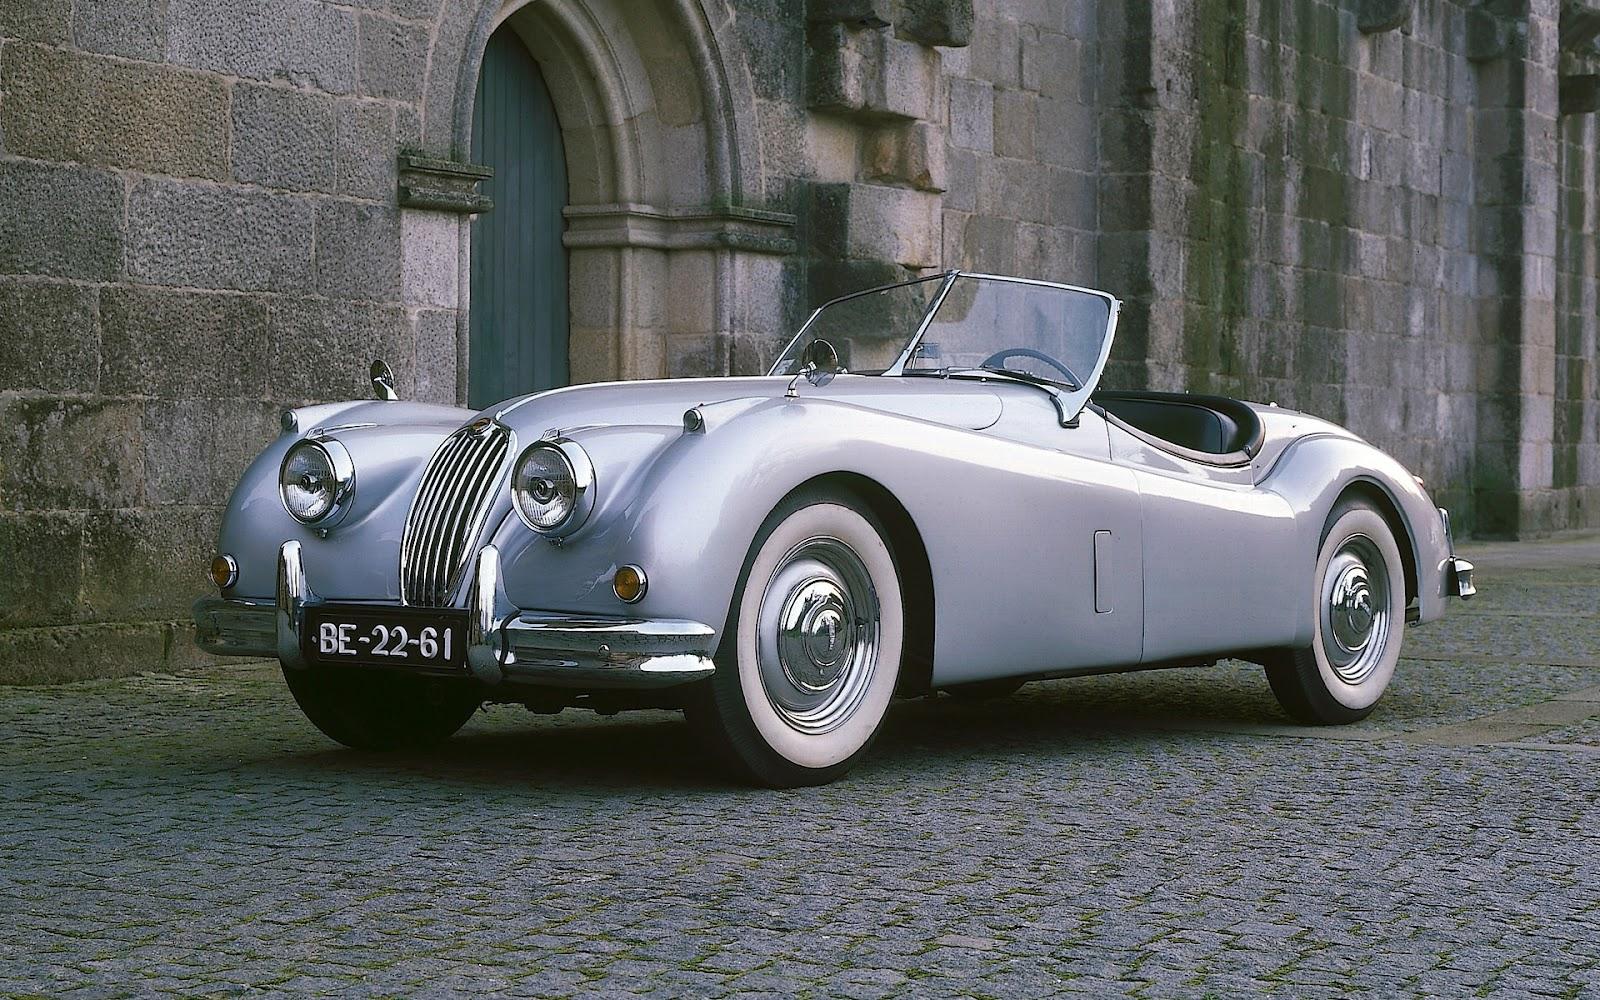 http://2.bp.blogspot.com/-4HLO6AA-otg/UCQKGBAip0I/AAAAAAAAACI/QymTRnUotss/s1600/Jaguar+XK140+Roadster+1954-57.jpg